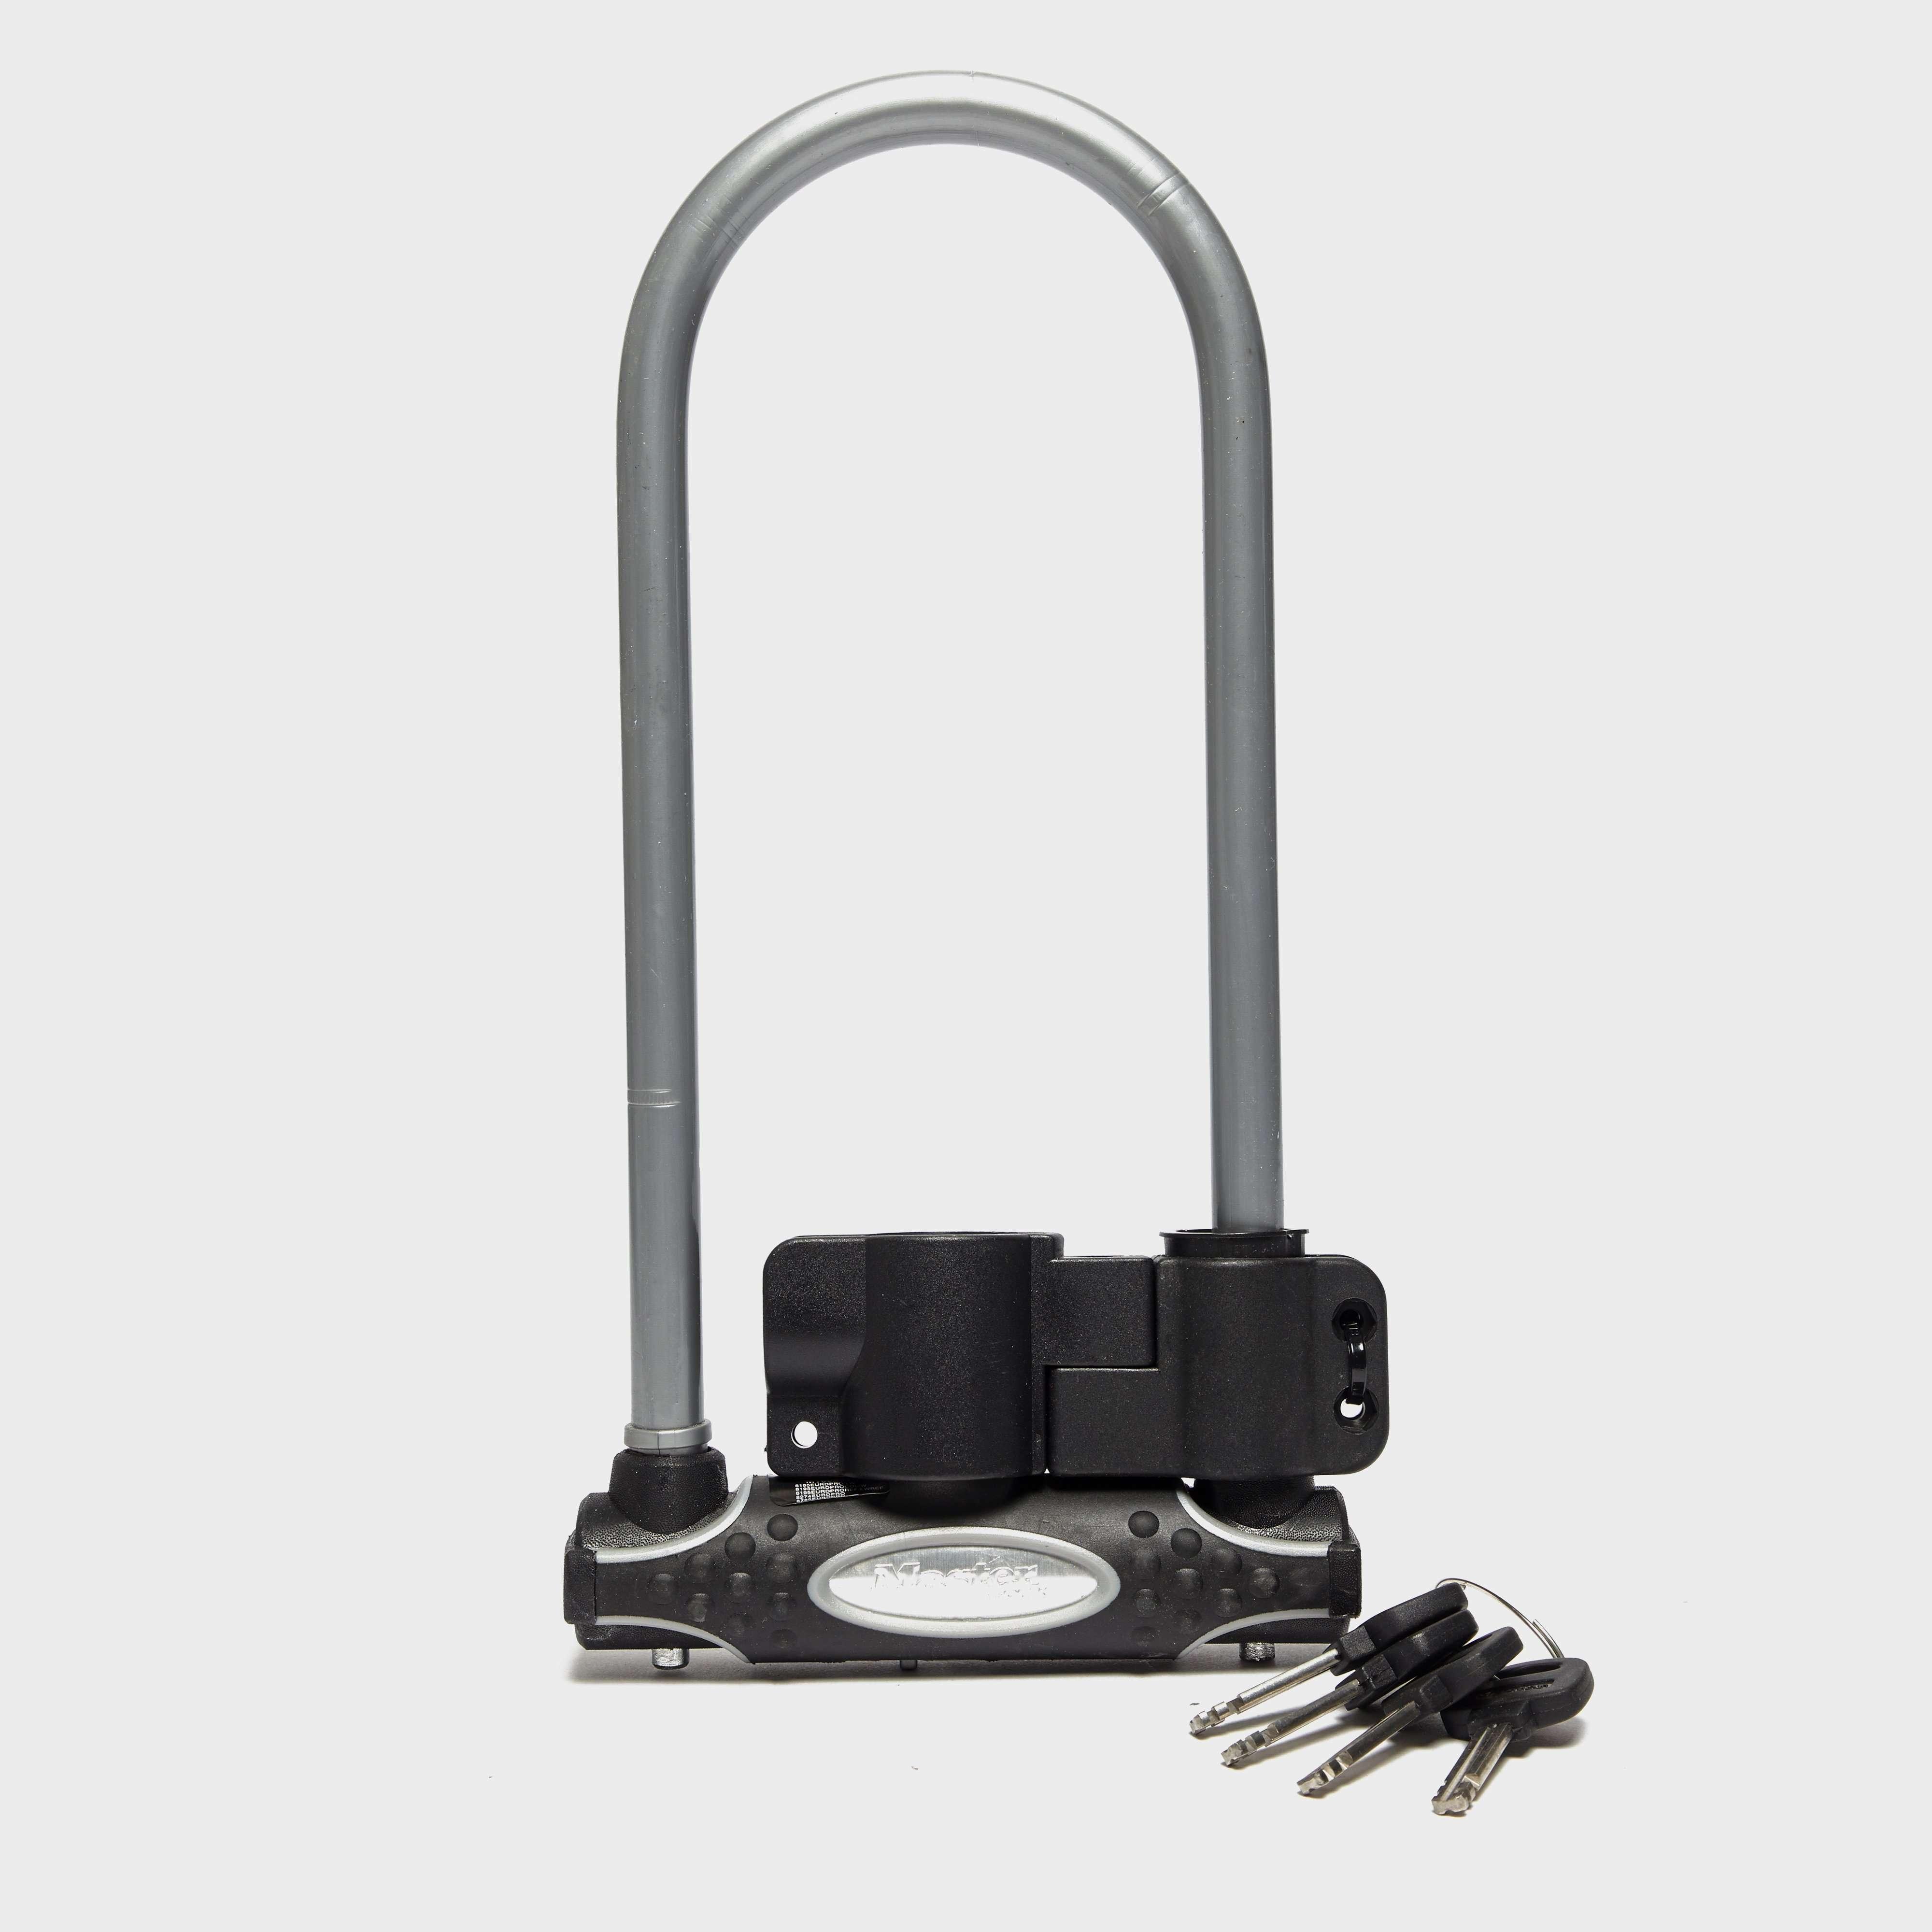 MASTERLOCK 13mm D-Lock 280mm x 110mm